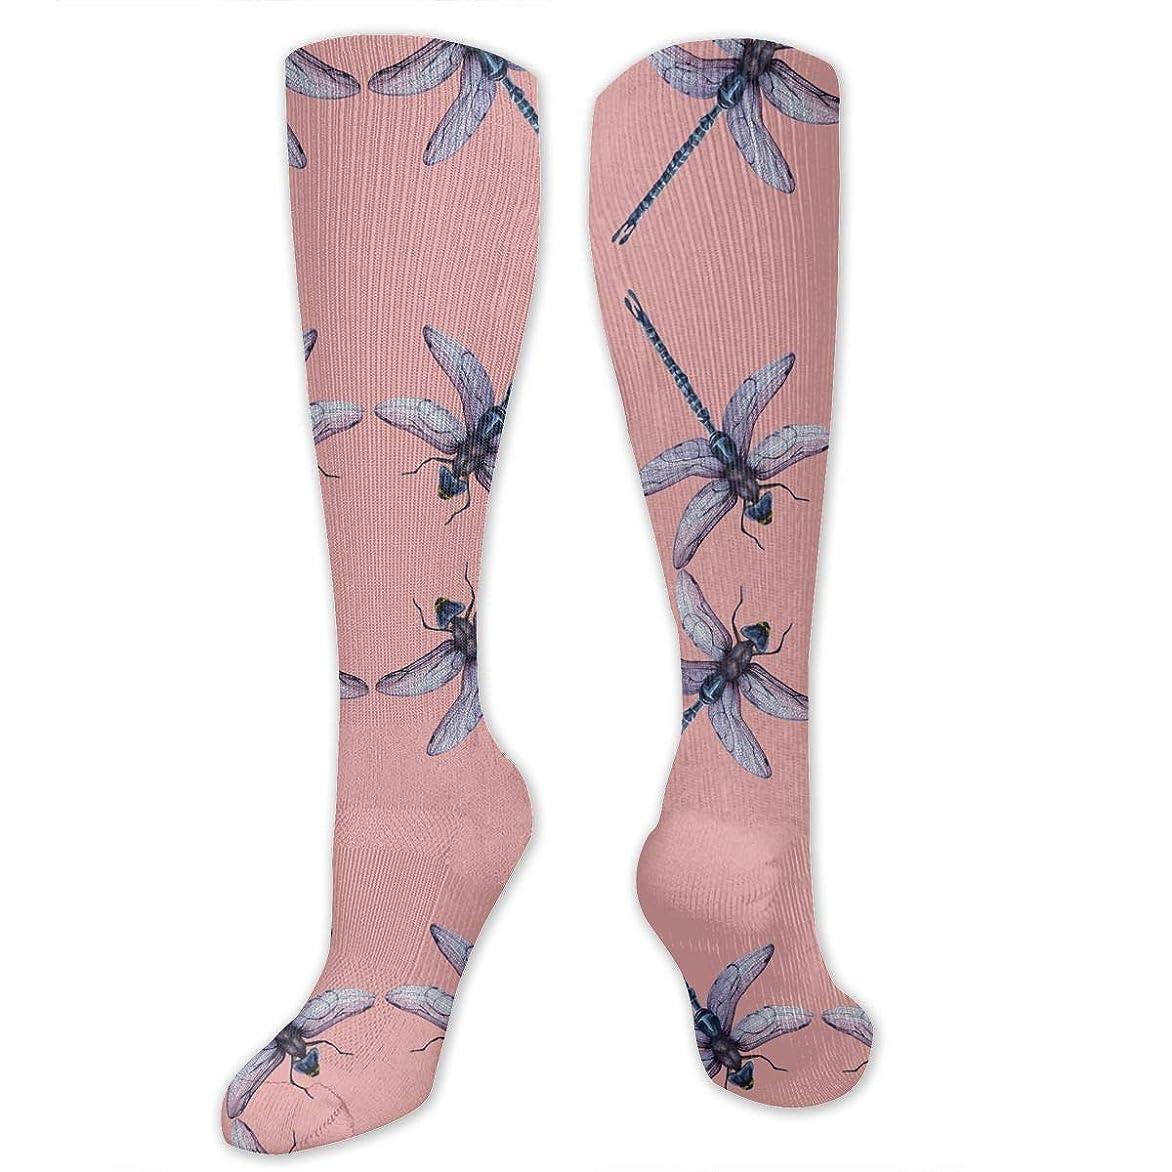 尊厳ファンシー計器女性の男性のためのQrriy 3 Dトンボ昆虫ピンク圧縮靴下-スポーツスポーツクロスフィットフライト旅行妊娠看護師(20-30 mmhg)を実行するためのフィット